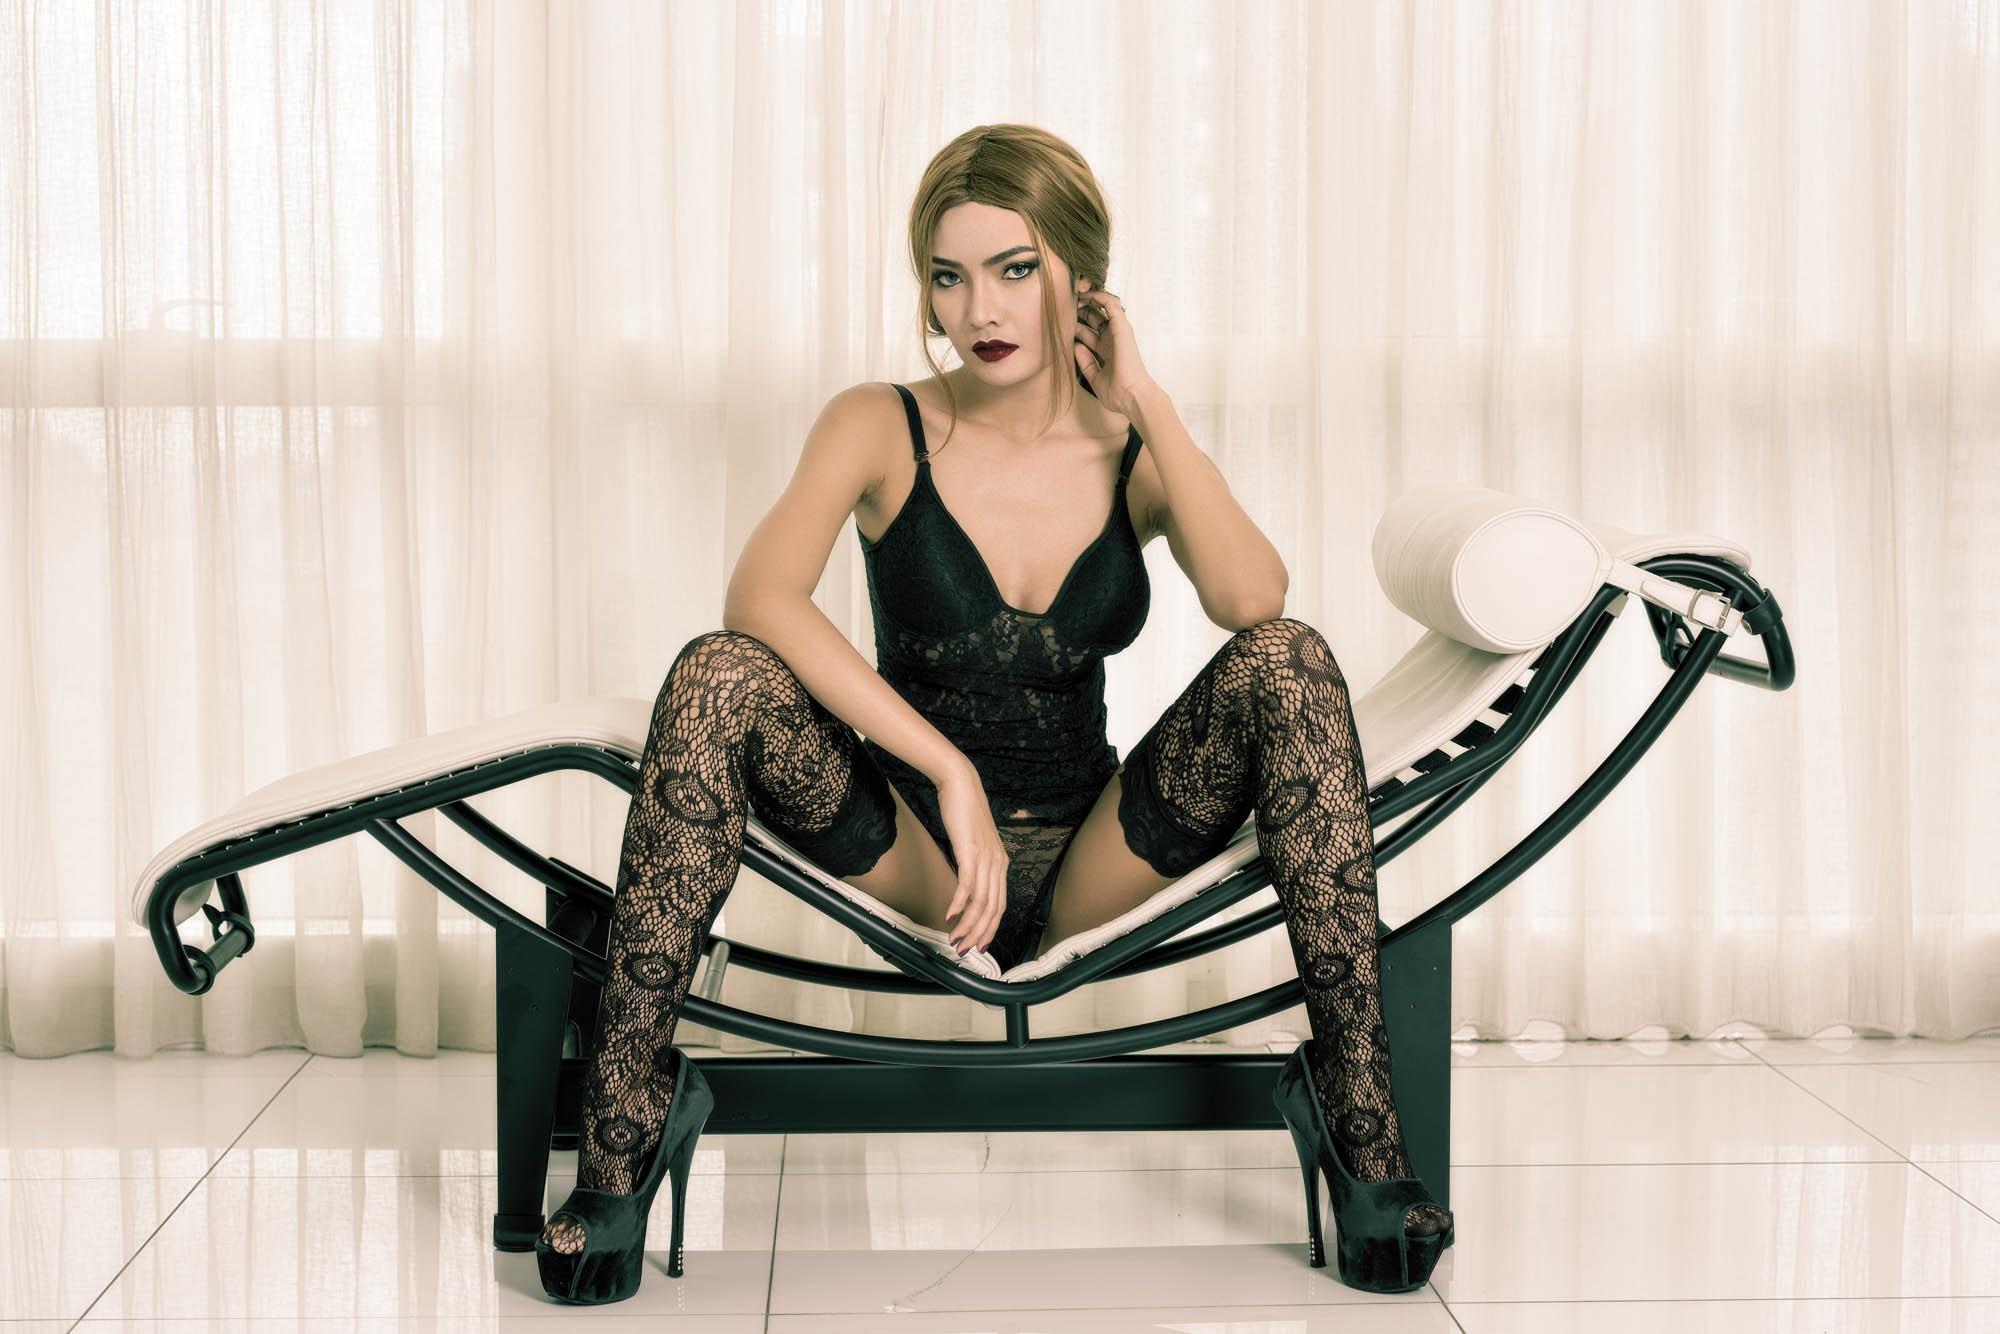 немецкая женщина на стуле в чулках